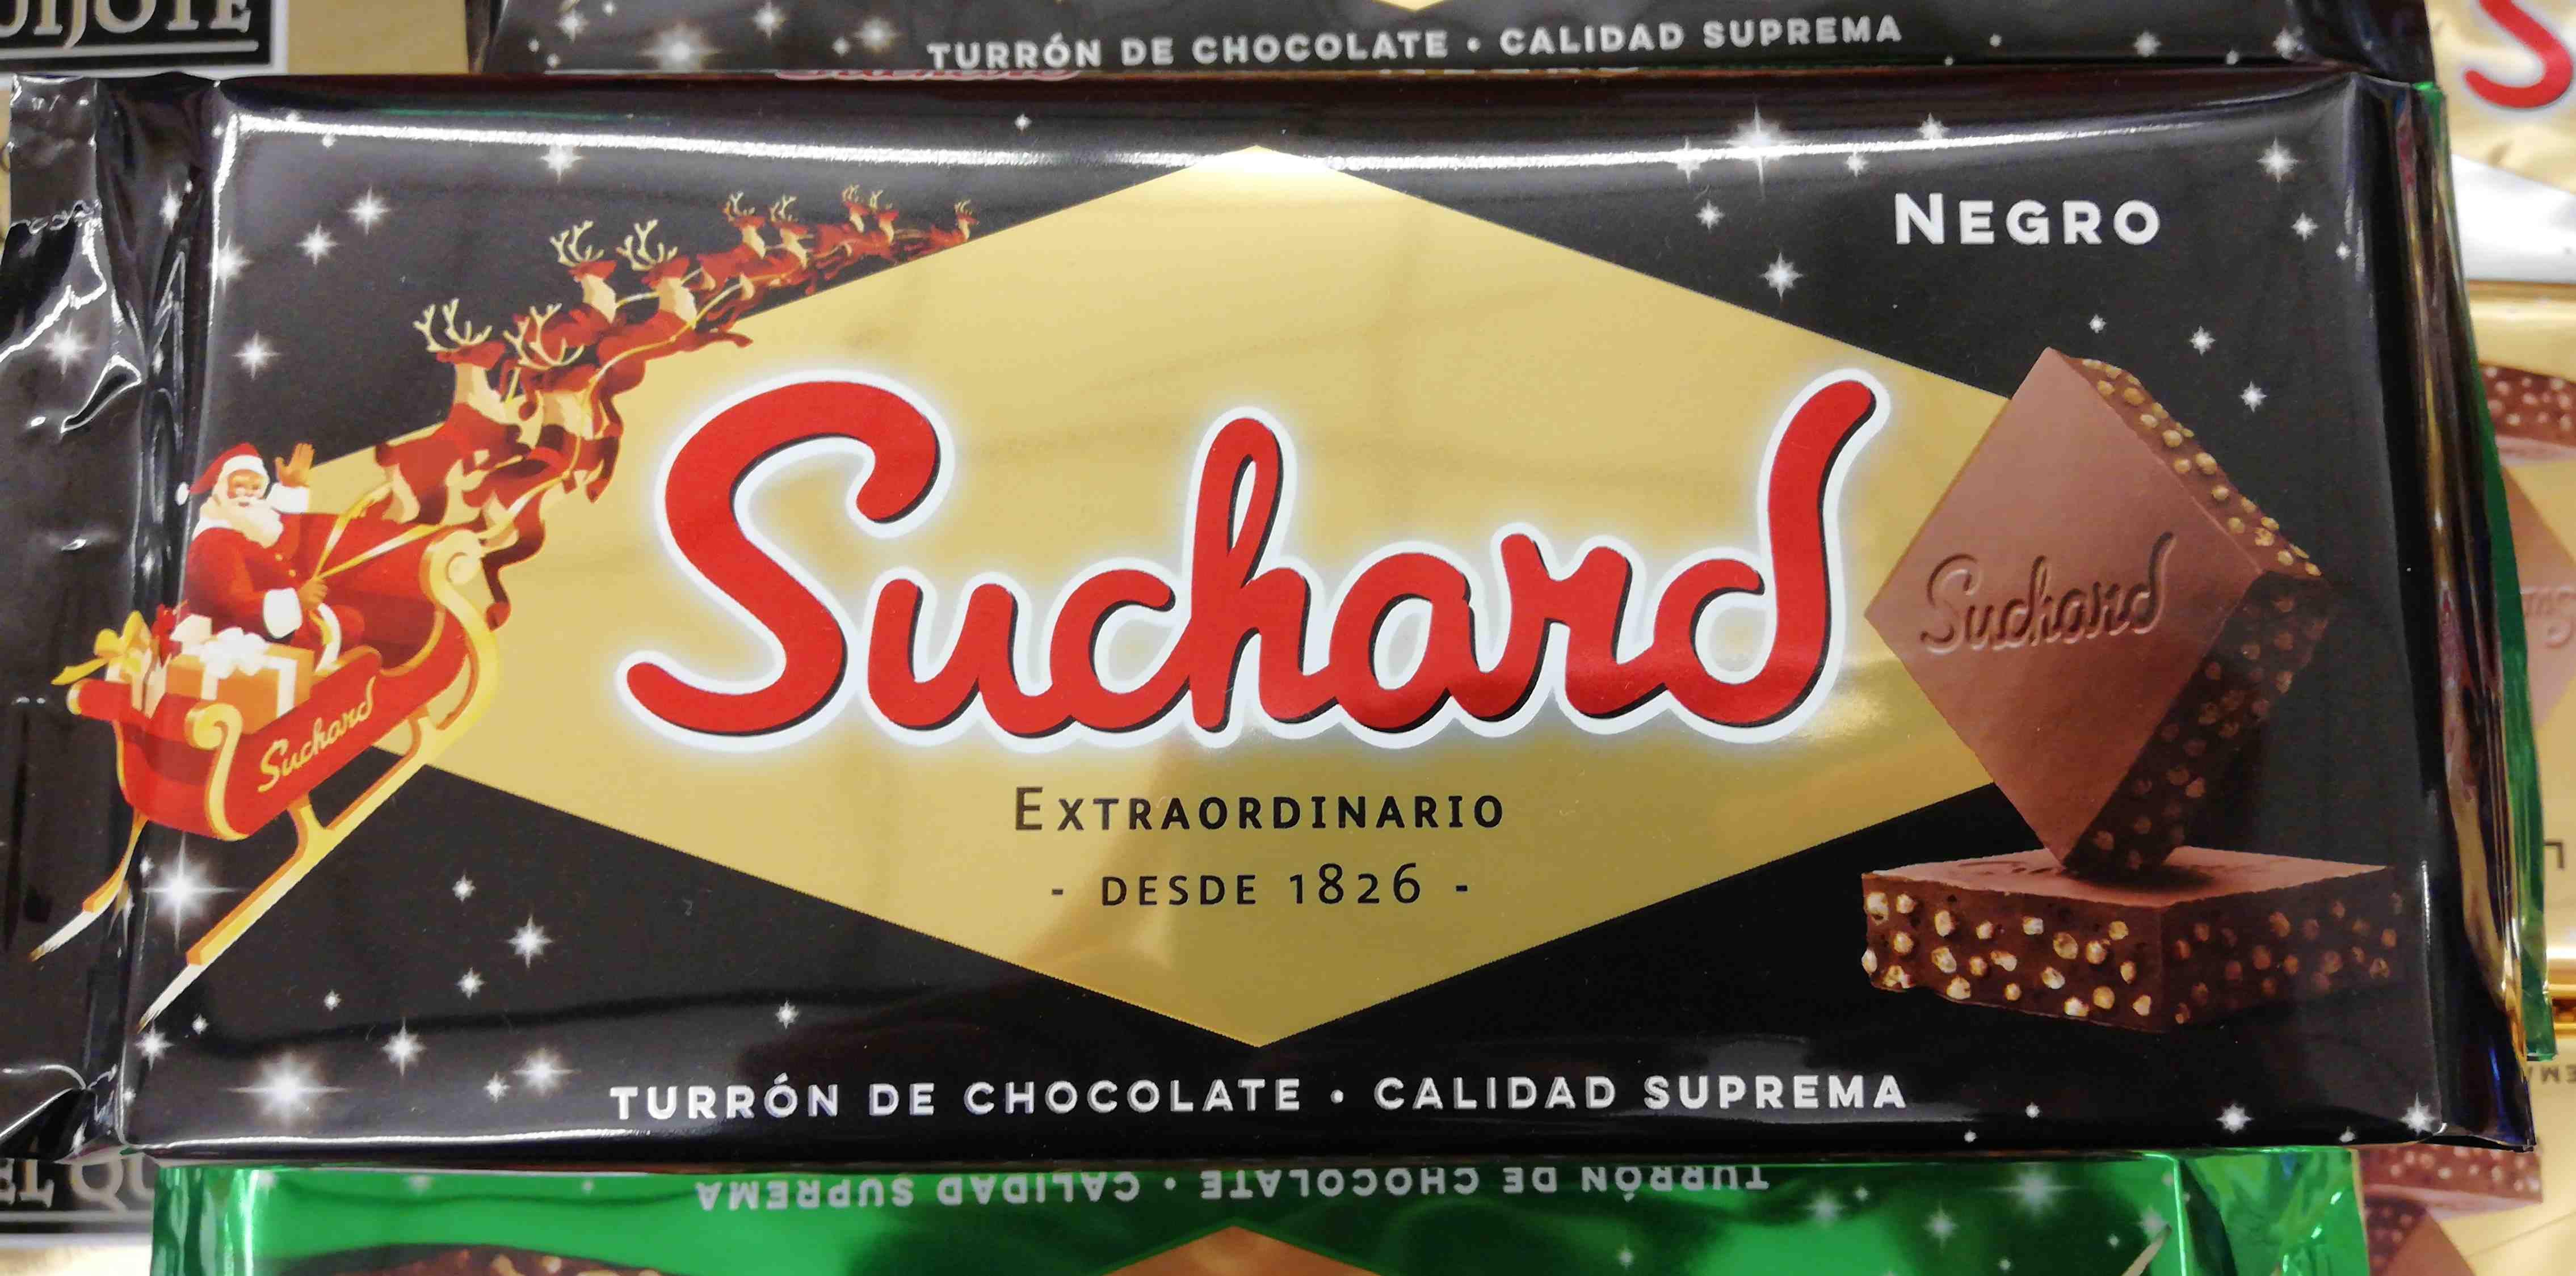 Suchard negro - Product